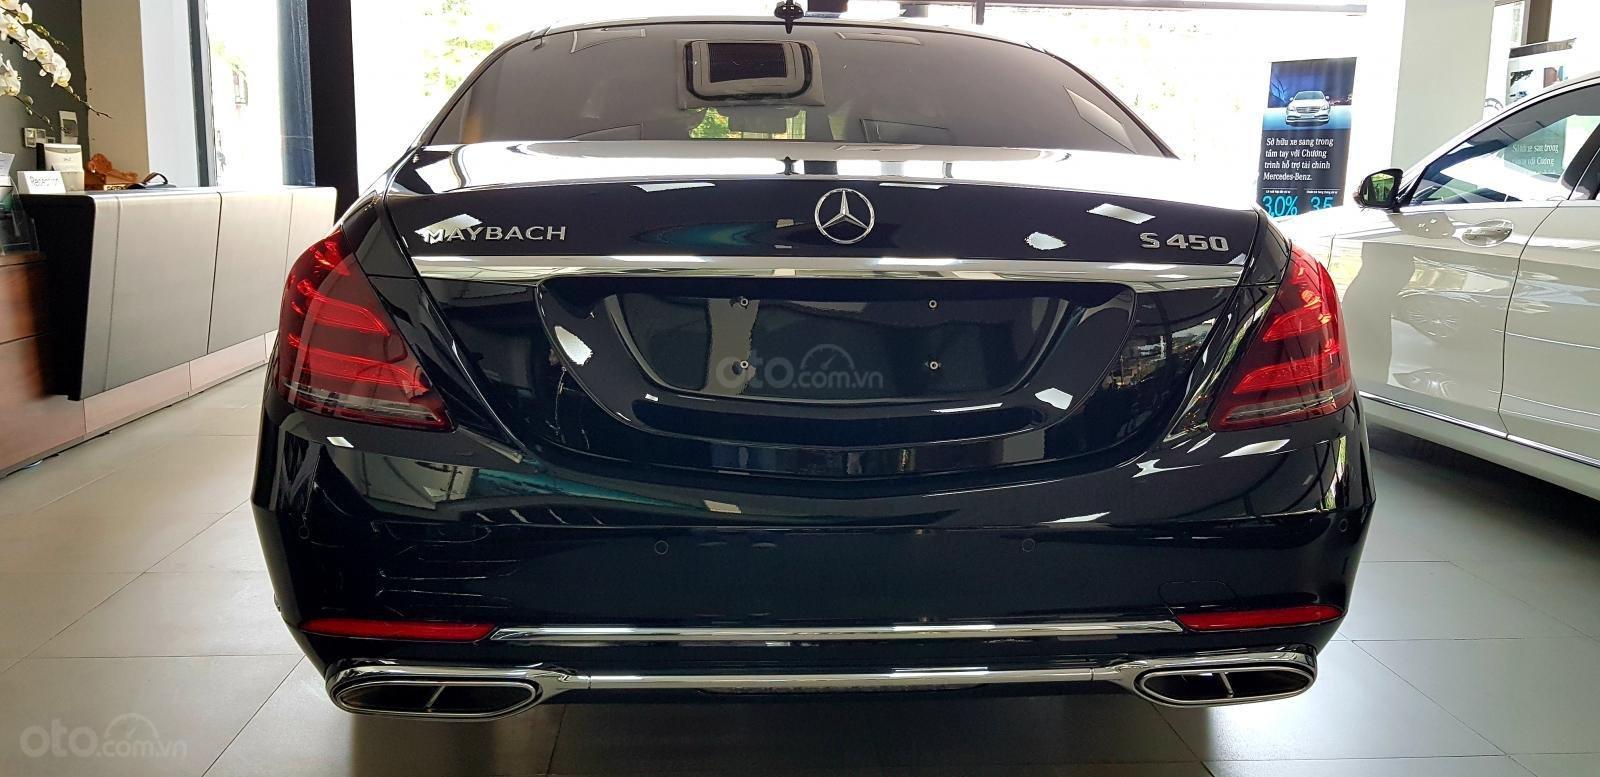 Mercedes-Benz Maybach S450 đời 2019 nhập khẩu, xe giao ngay khuyến mãi lớn, liên hệ 0913332288 (13)